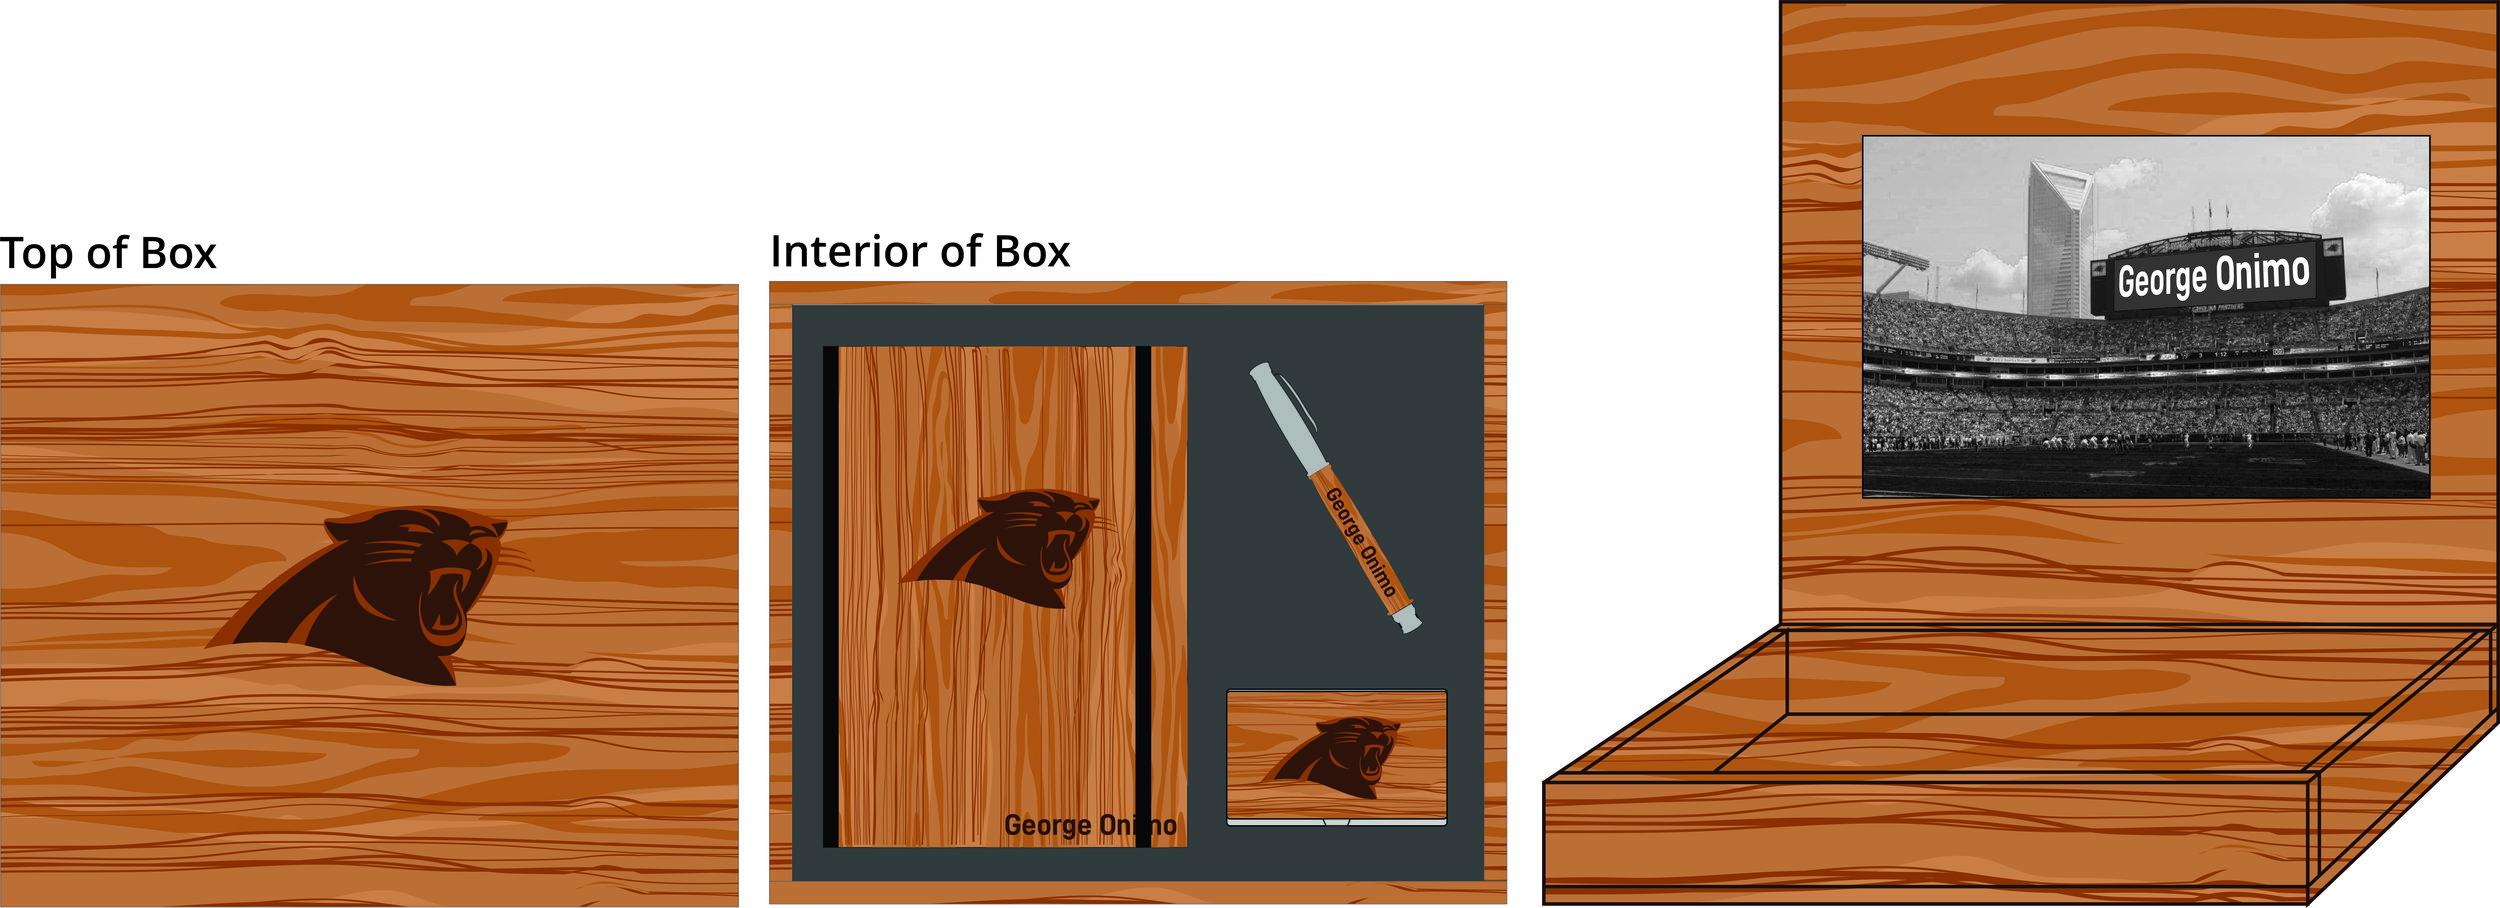 Hardwood Journal, Pen & Card Holder Box